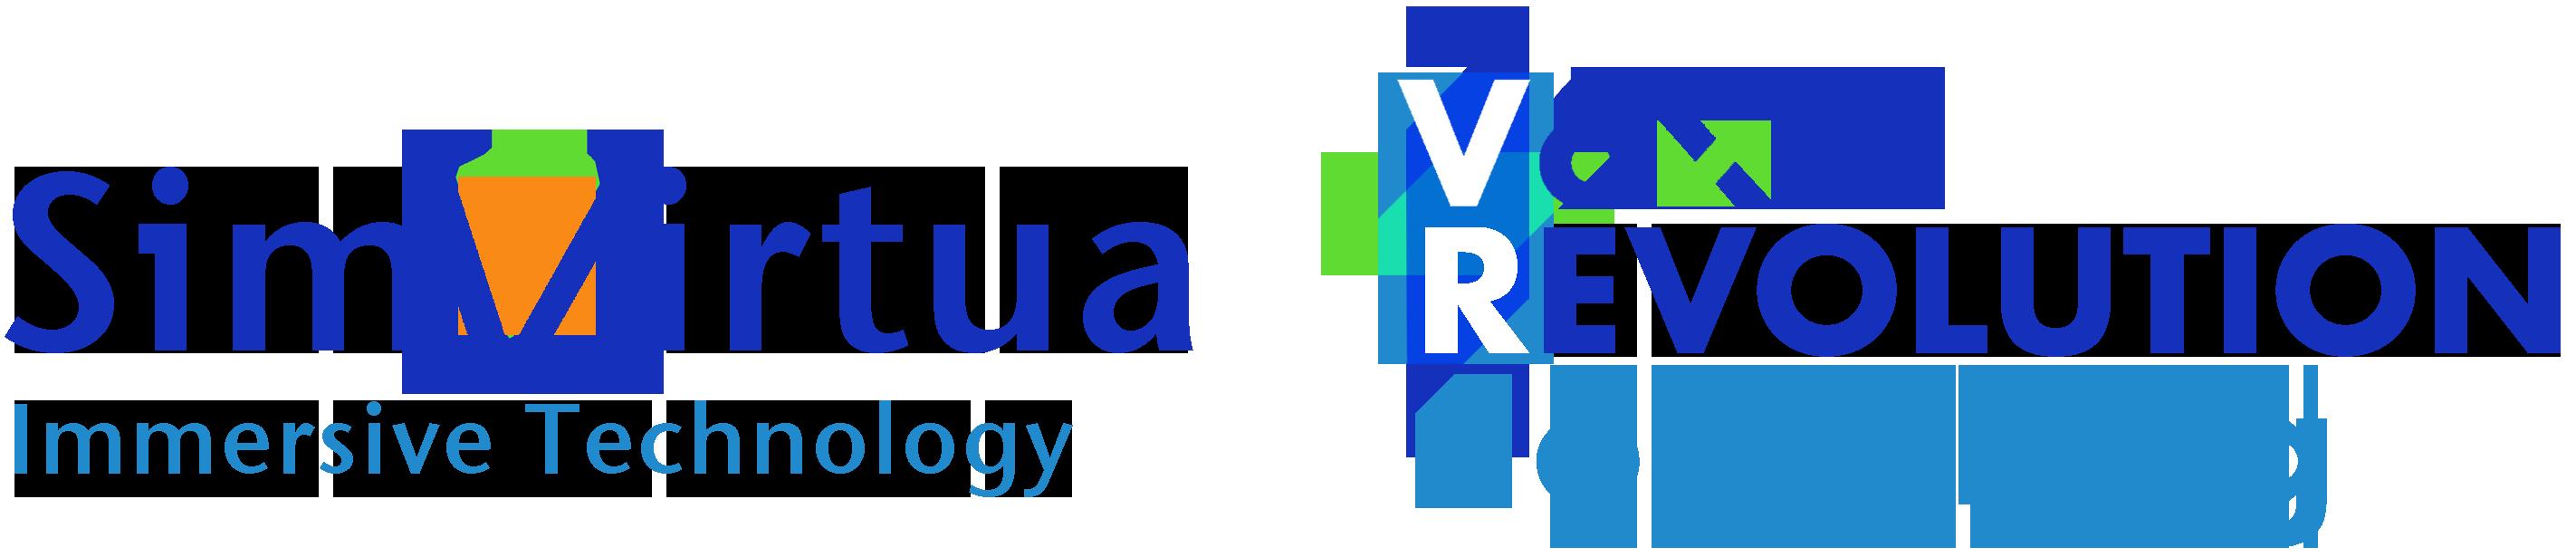 Simvirtua VRC